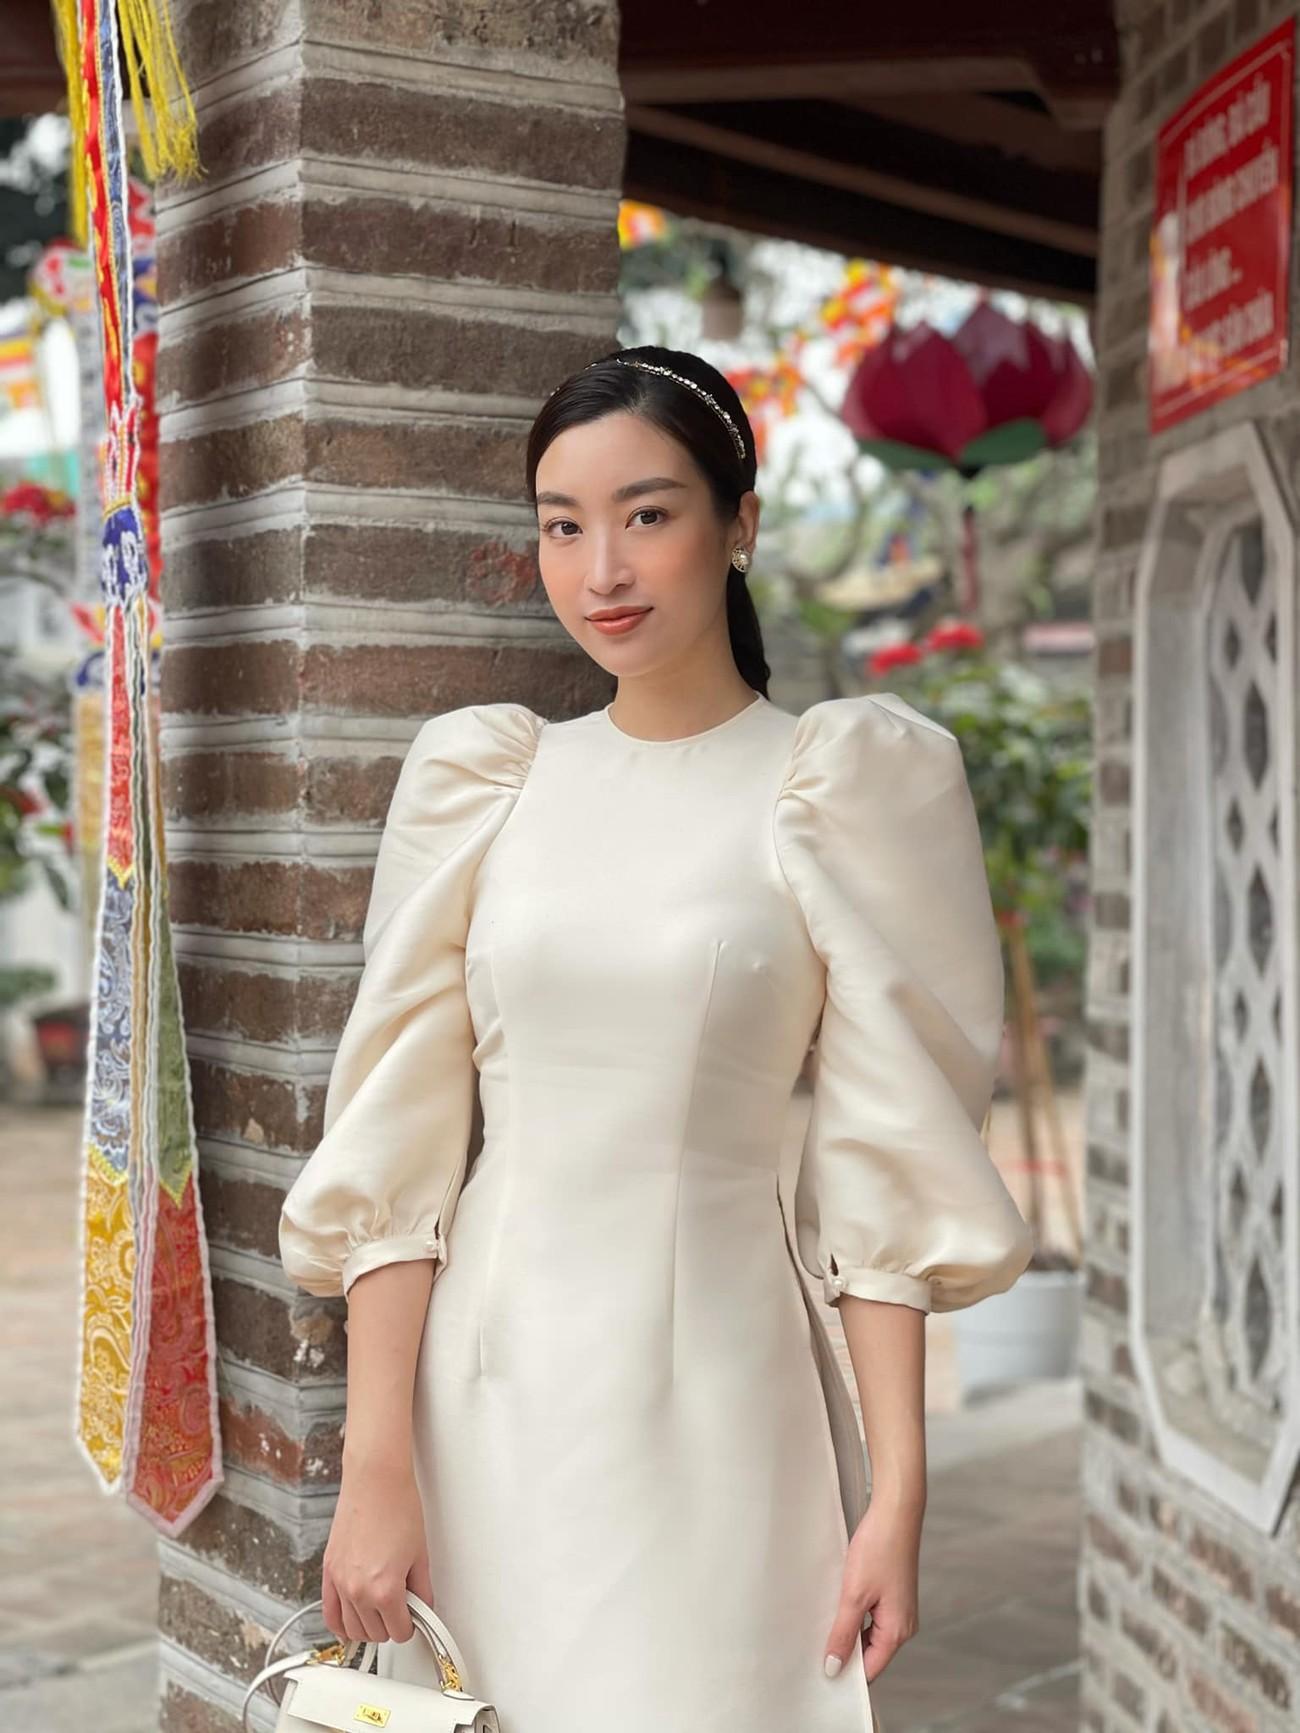 Hoa hậu Tiểu Vy khoe ảnh mẹ diện áo dài ngày mùng 1 Tết, fans trầm trồ vì nhan sắc trẻ đẹp ảnh 5